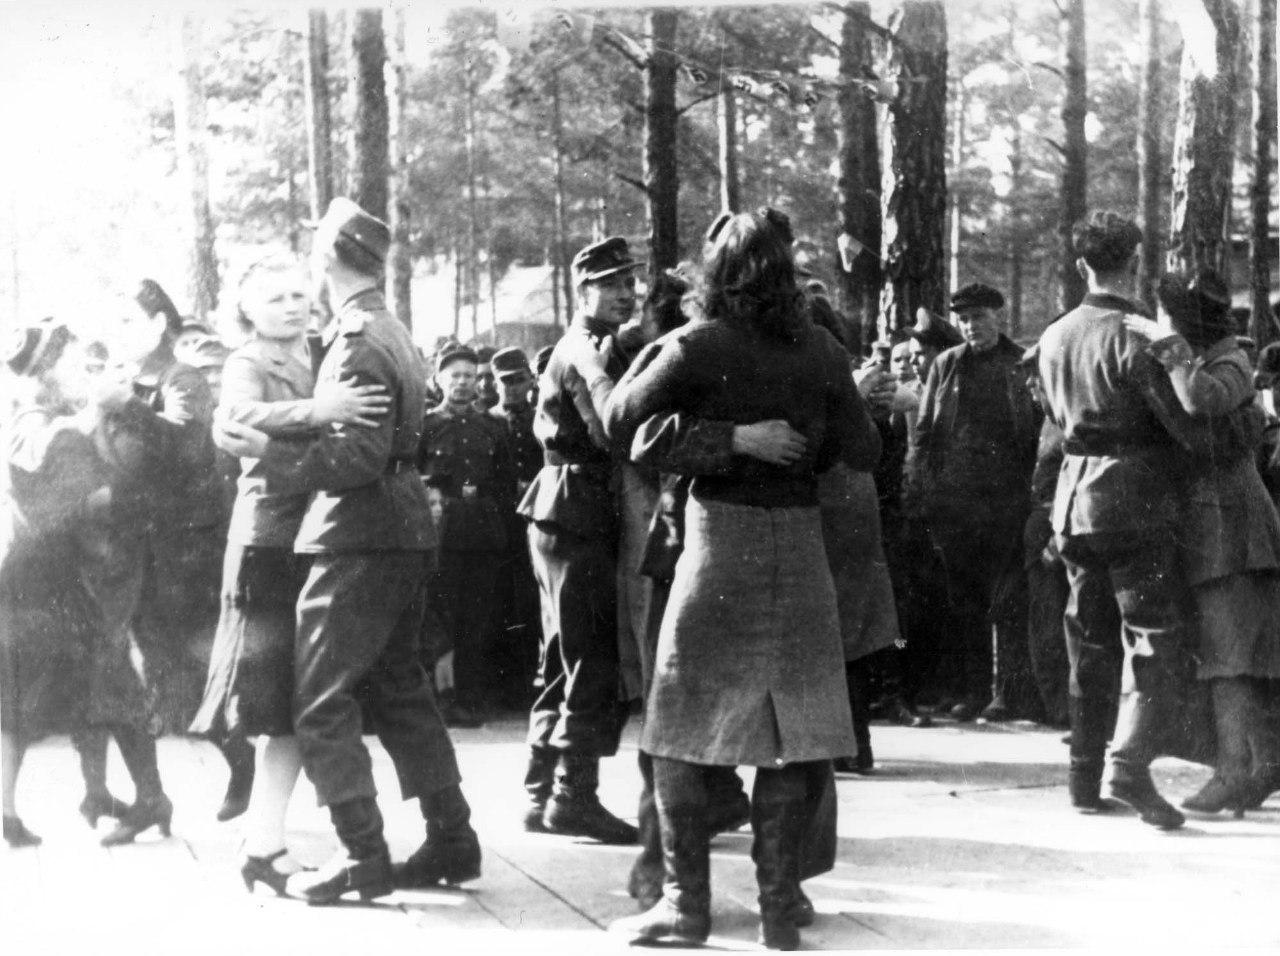 1943. Немецкие солдаты танцуют с местными девушками на улице оккупированного Полоцка